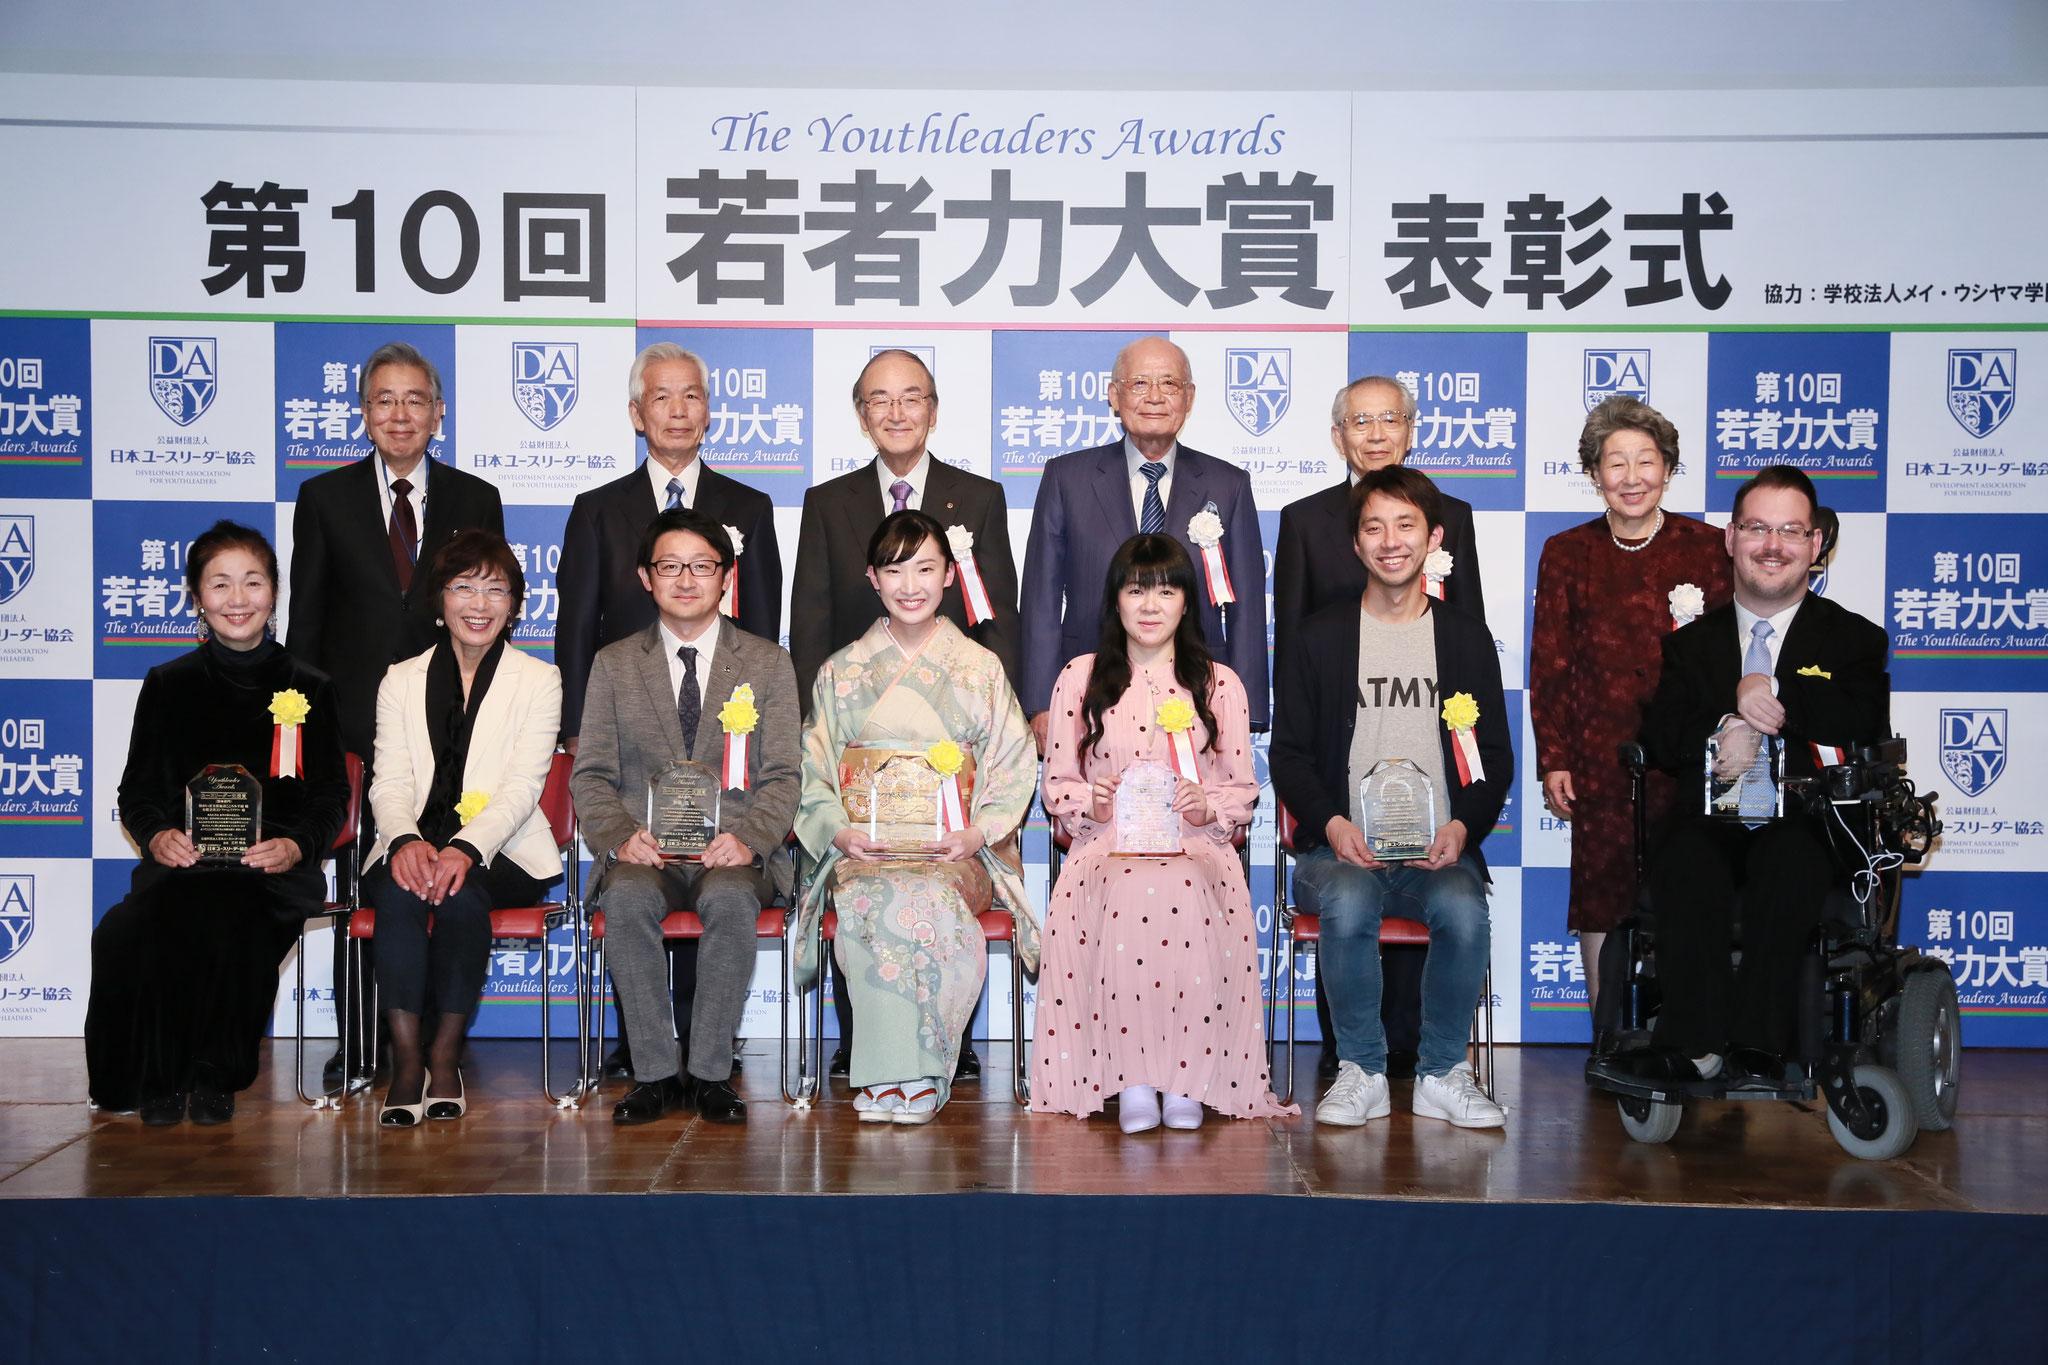 第10回若者力大賞表彰式 2019年2月19日(火)